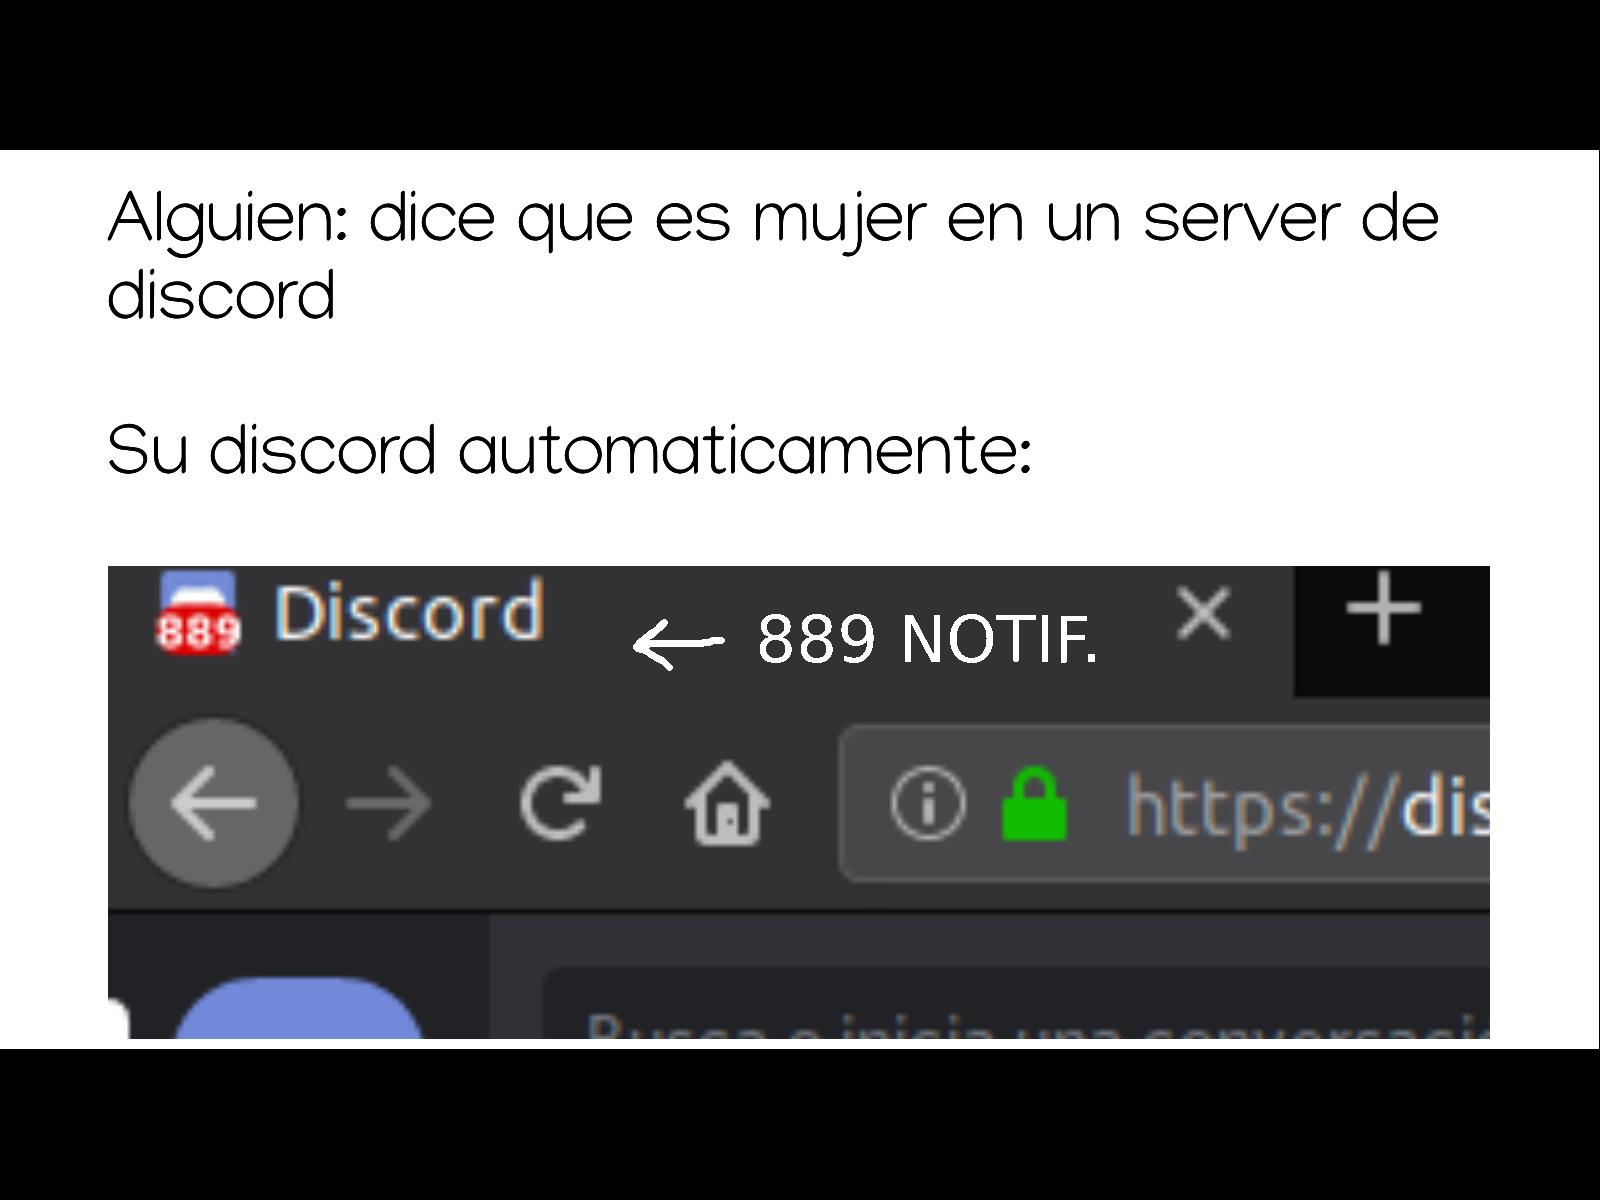 889 notificaciones (pixelart) - meme